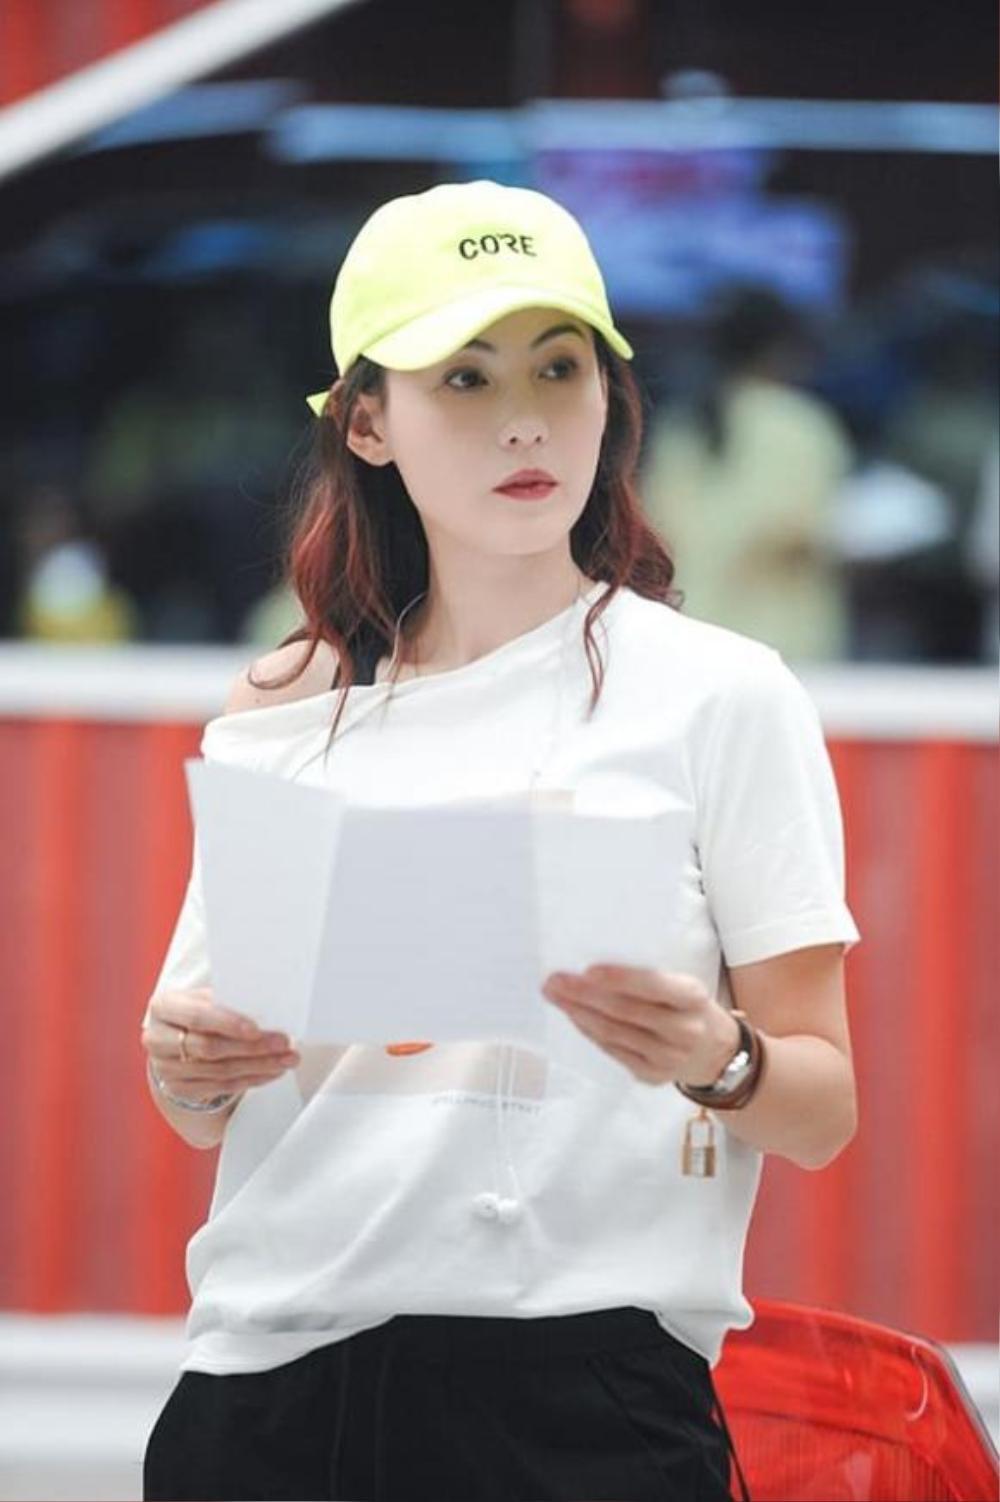 Nhan sắc và phong cách trẻ trung của Trương Bá Chi khiến dân tình 'phát hờn' Ảnh 5